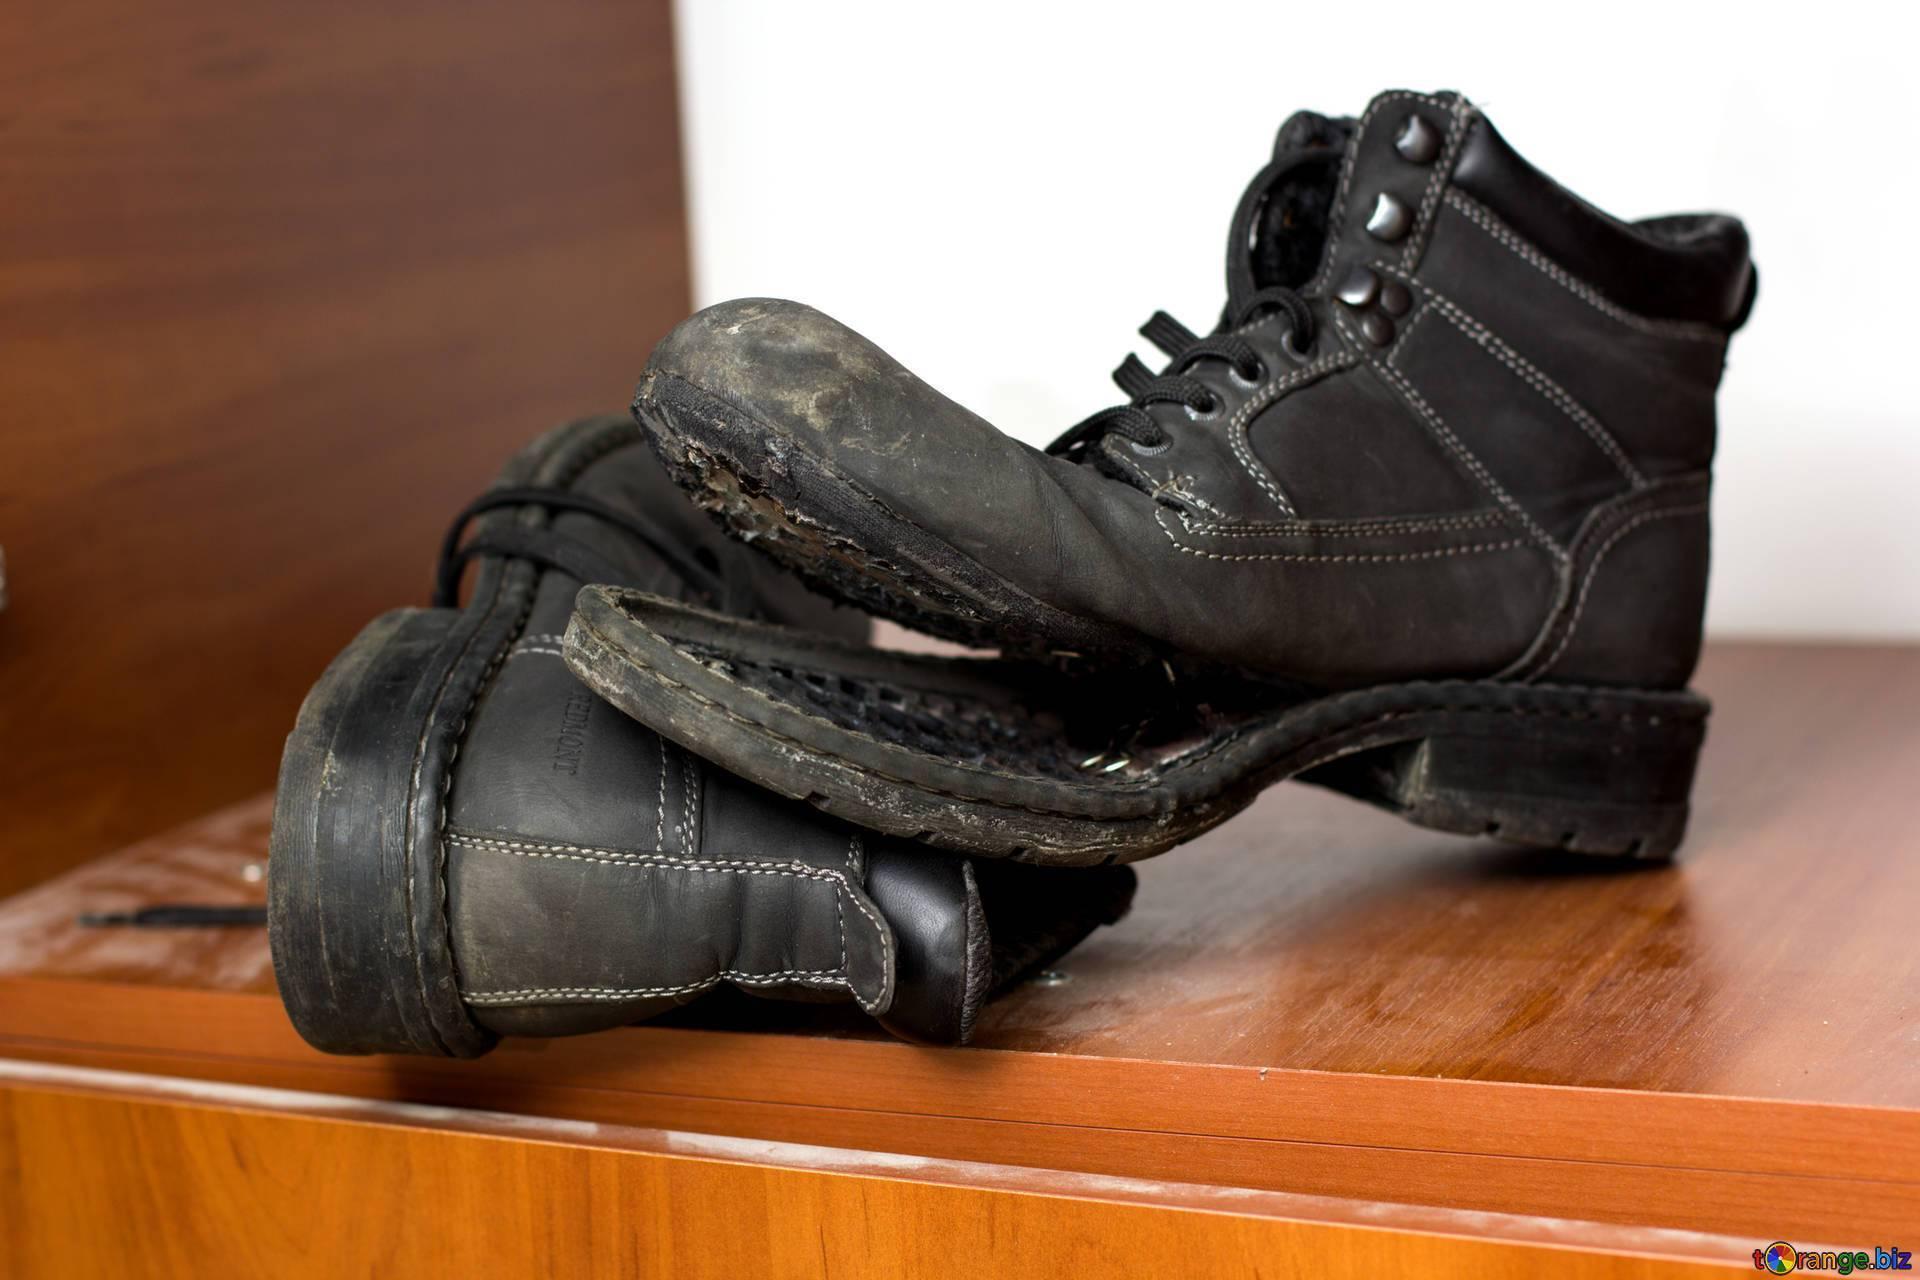 Привычка по много раз ремонтировать обувь.